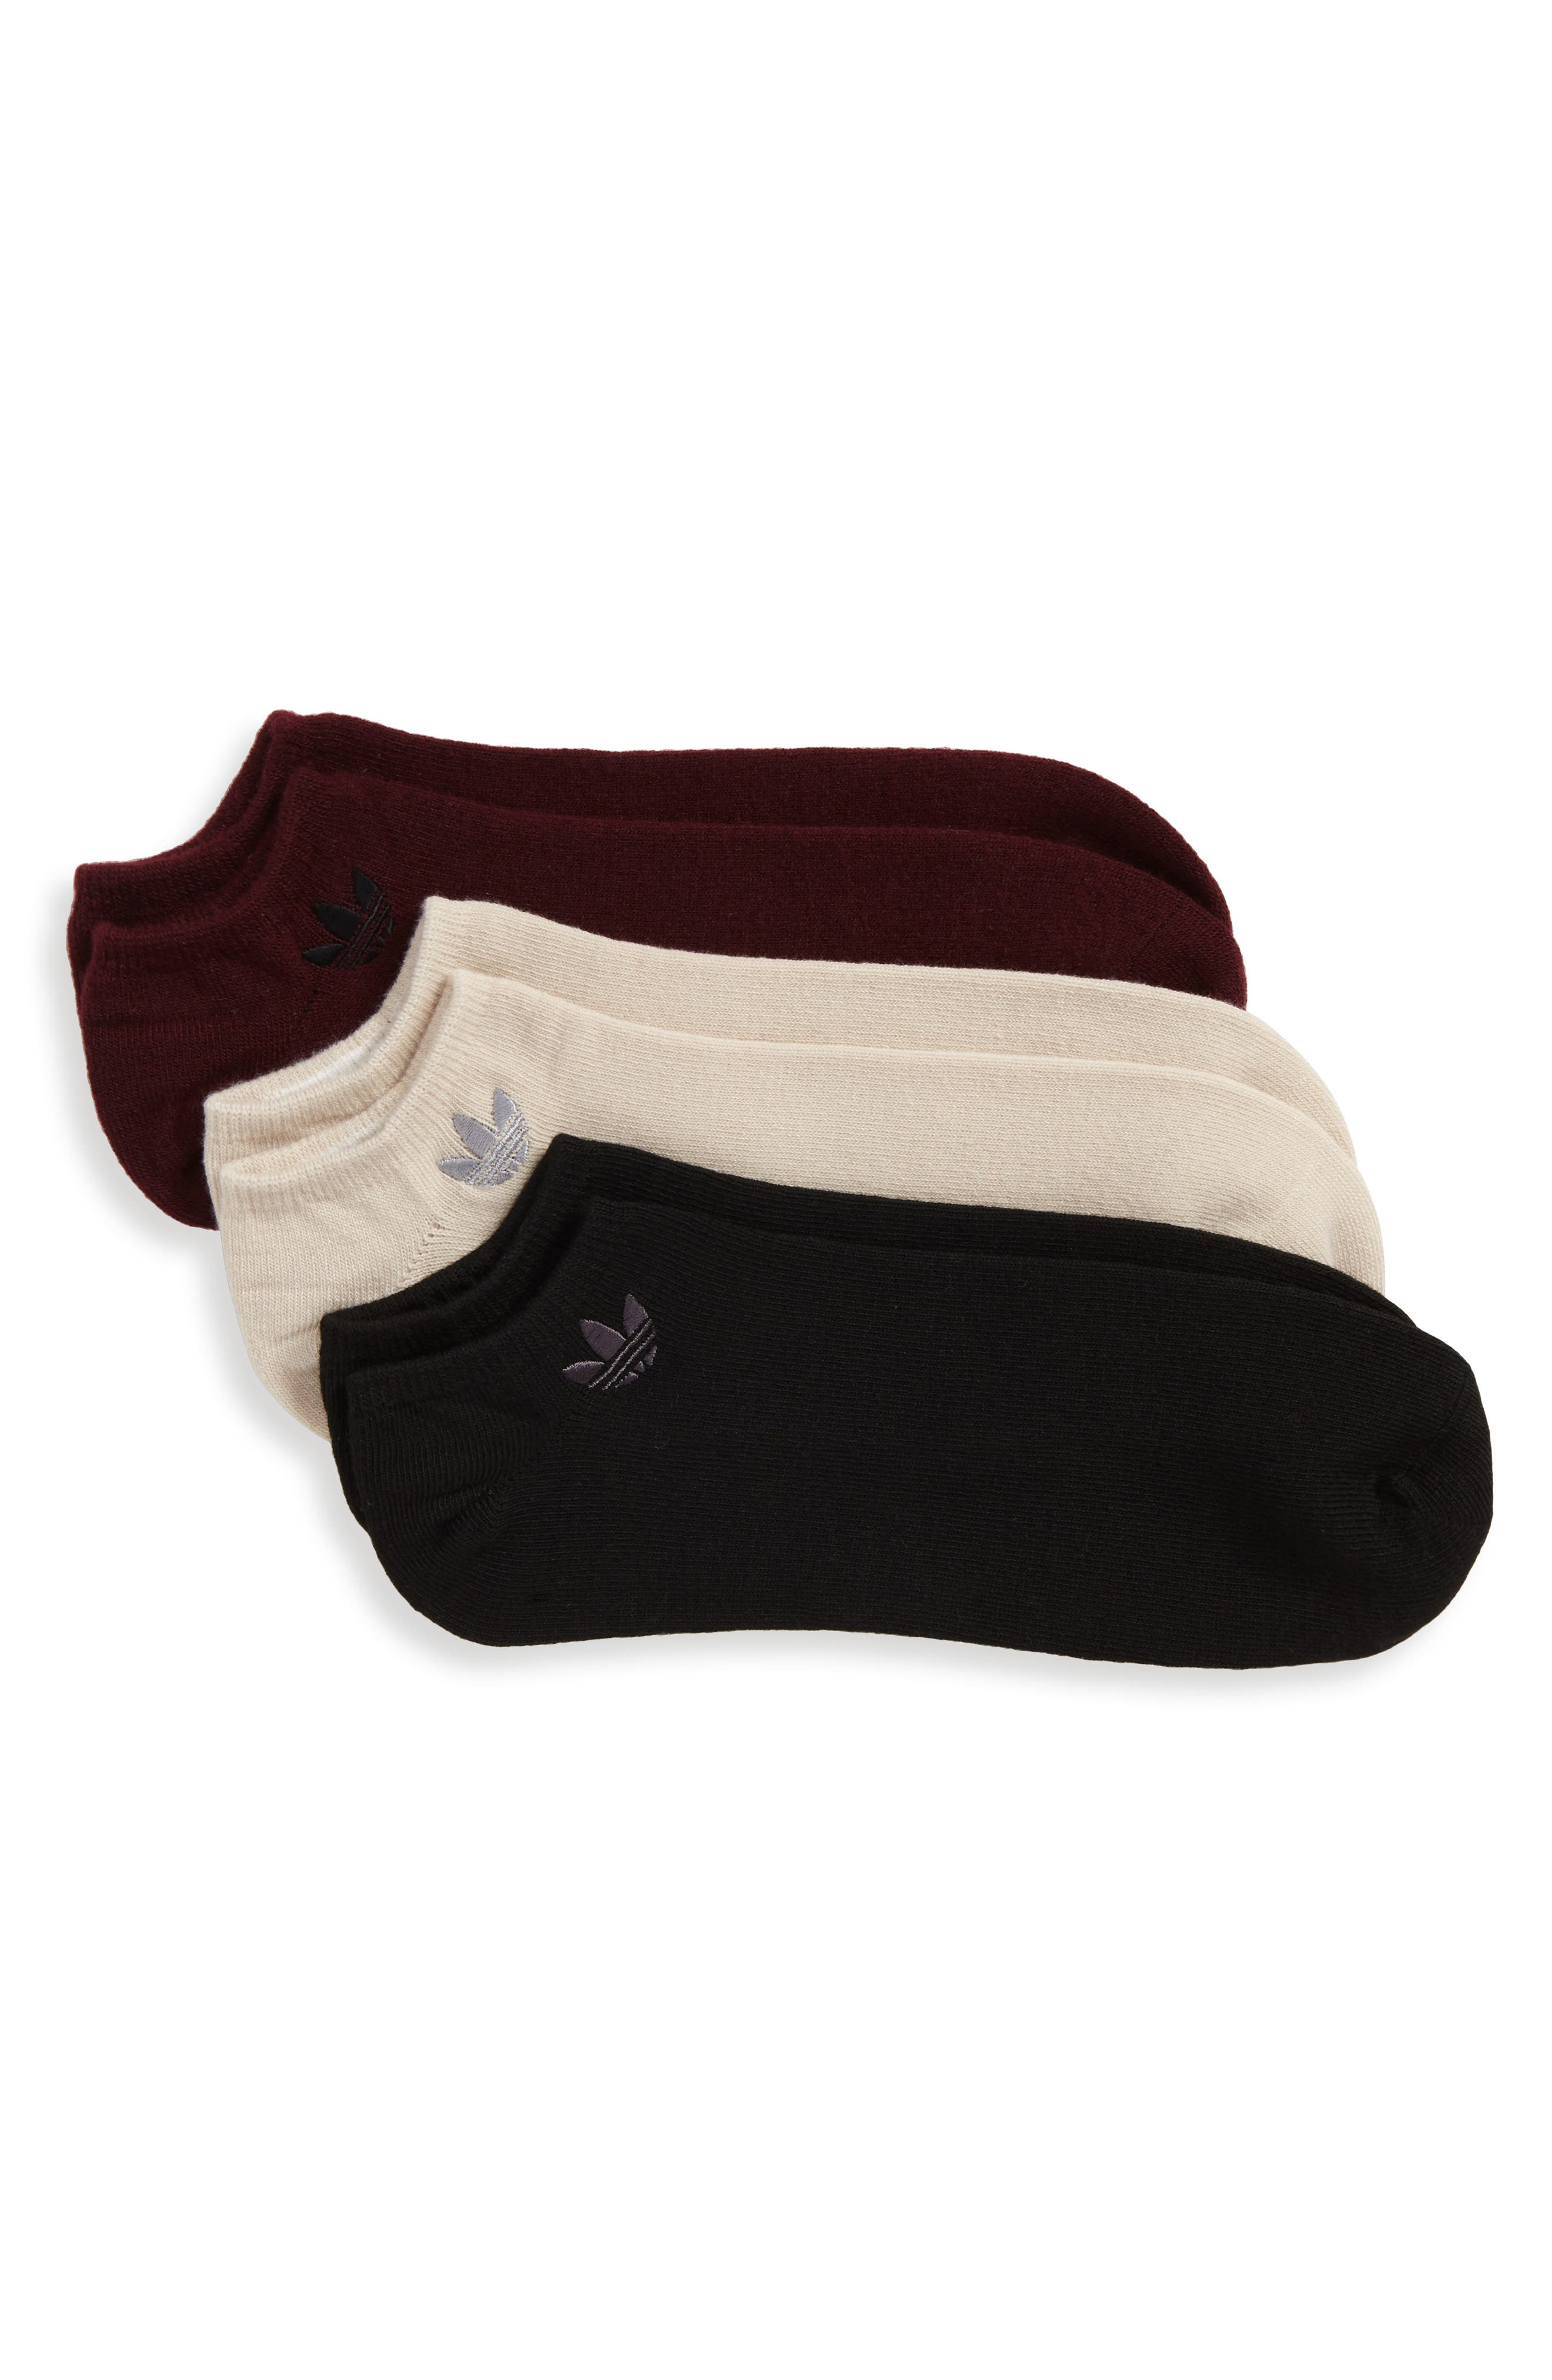 3-Pack No-Show Socks,                             Main thumbnail 1, color,                             001